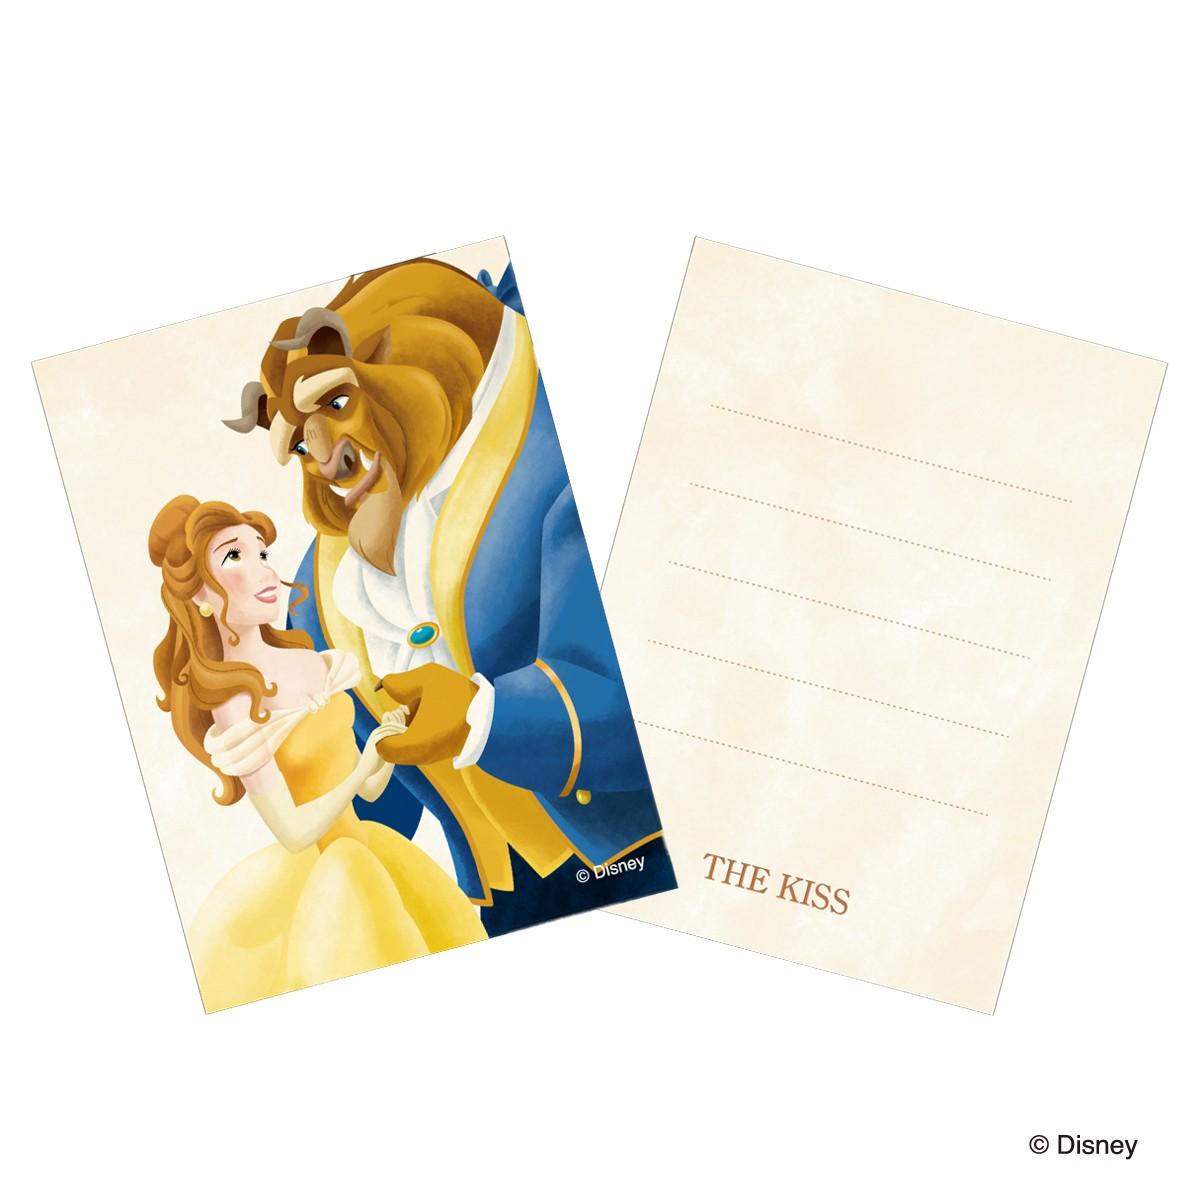 ディズニー プリンセス ベル ペアネックレス Disney THE KISS ザ・キッス プレゼント DI-SN705YSP-706SP